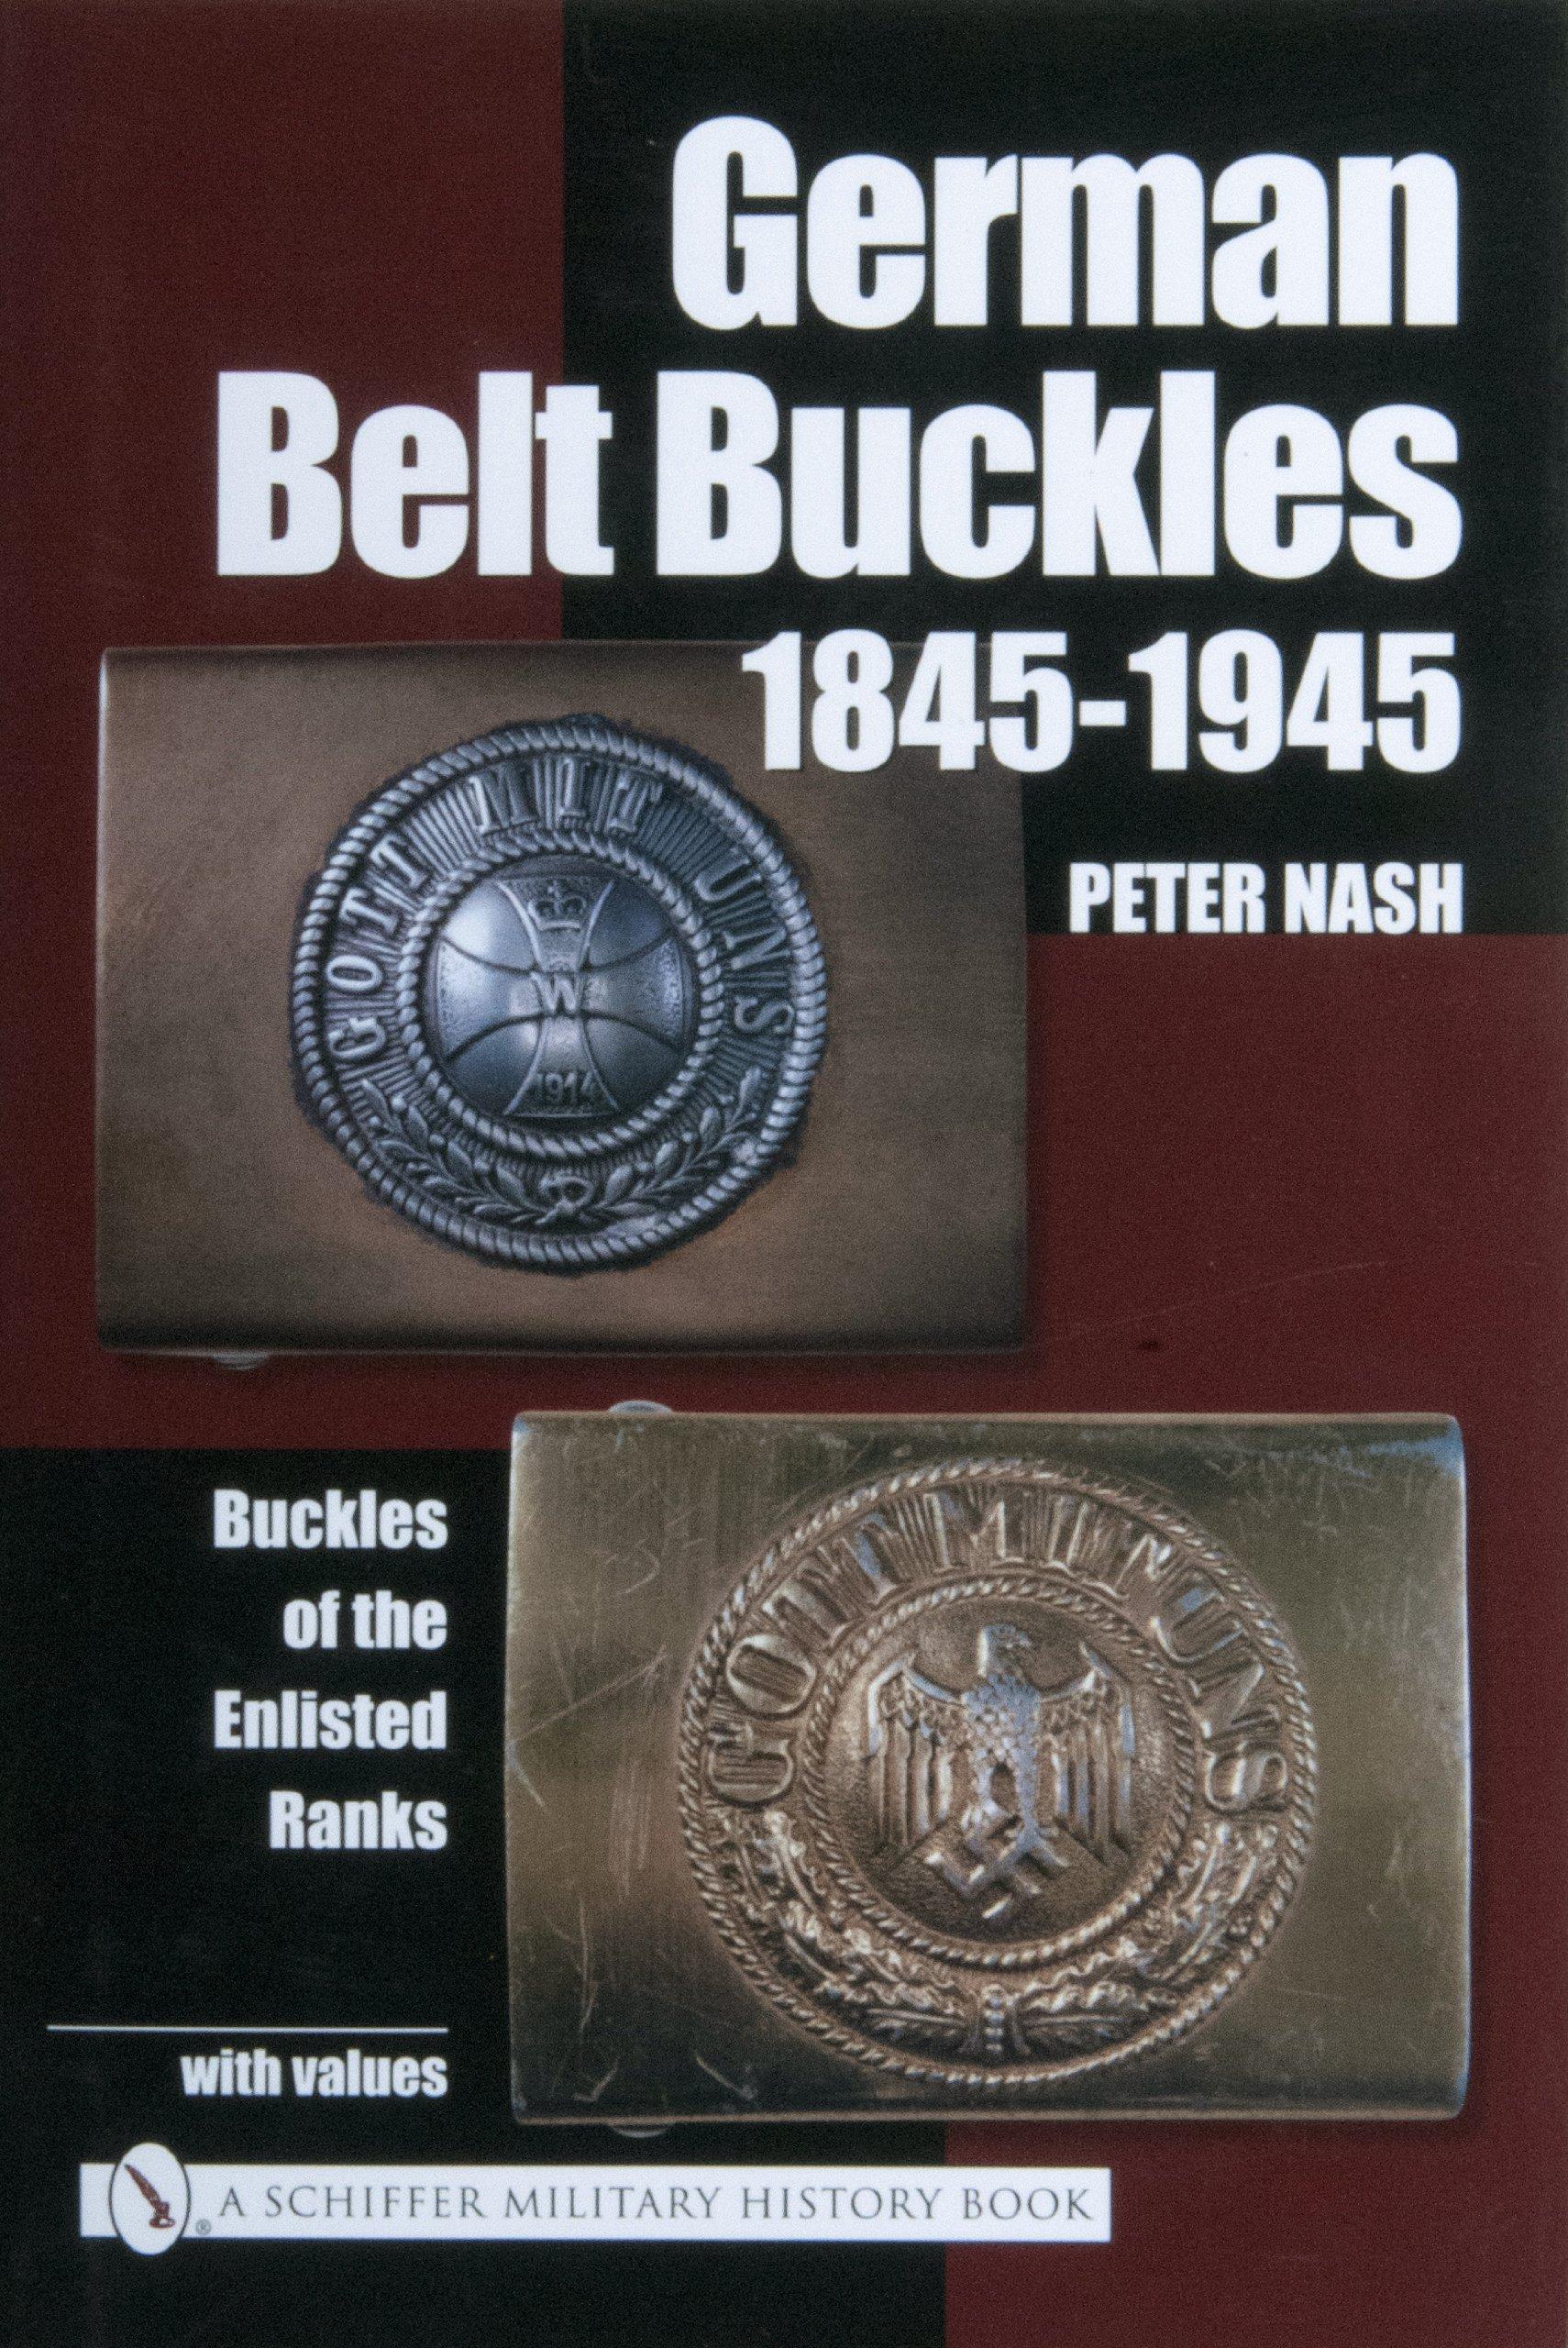 German Belt Buckles 1845-1945  Buckles of the Enlisted Ranks